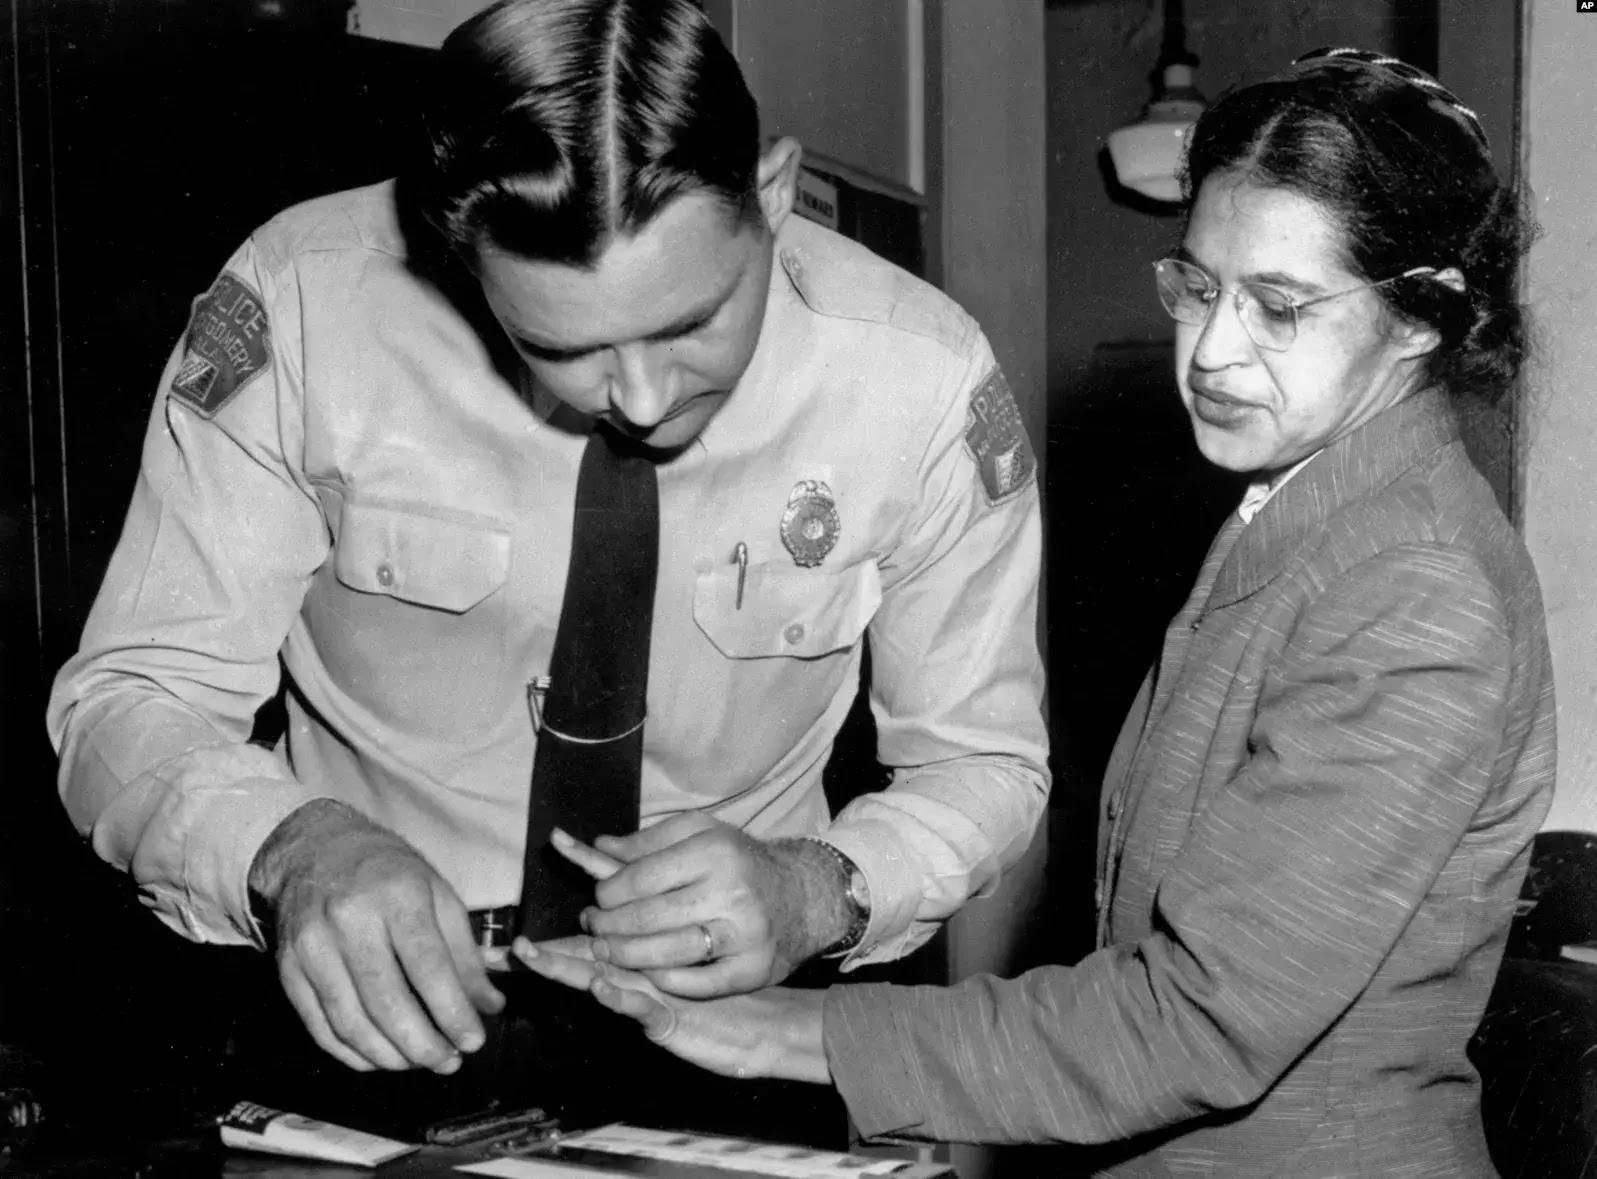 Dalam foto pada 22 Februari 1956 ini, Rosa Parks diambil sidik jarinya oleh polisi Letnan D.H. Lackey di Montgomery, Alabama, setelah menolak menyerahkan kursinya di bus untuk penumpang kulit putih pada 1 Desember 1955